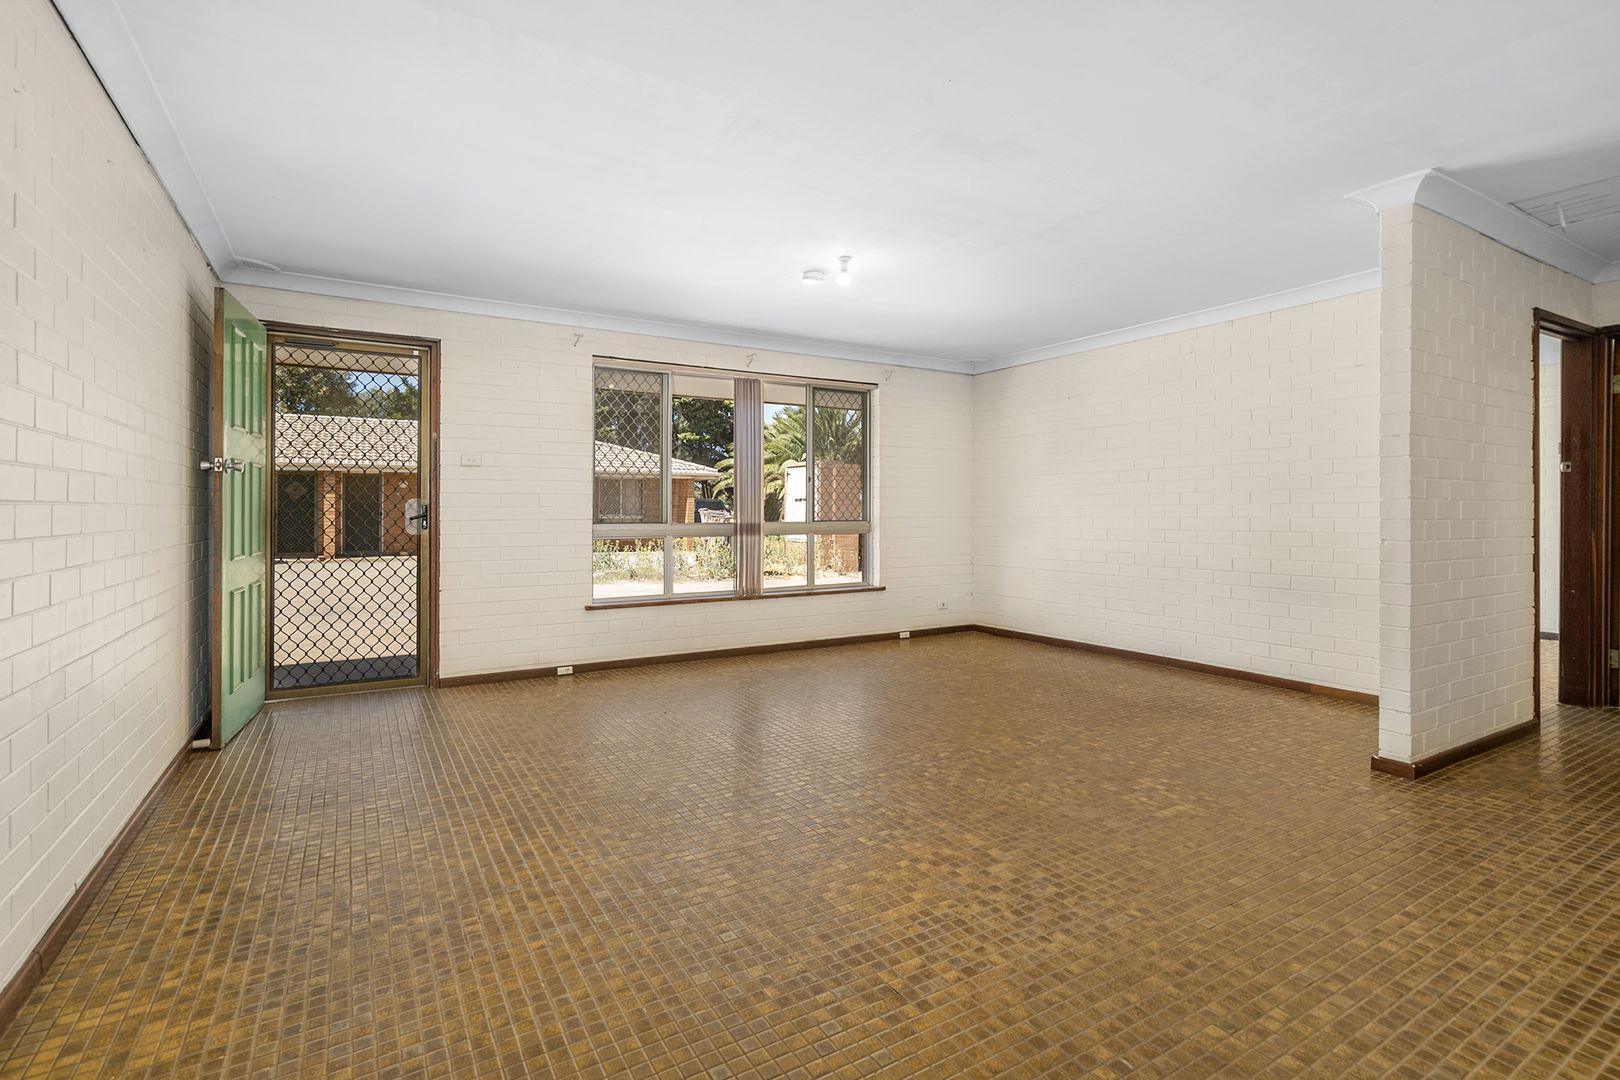 6/187 Horwood Rd, Woorree WA 6530, Image 1